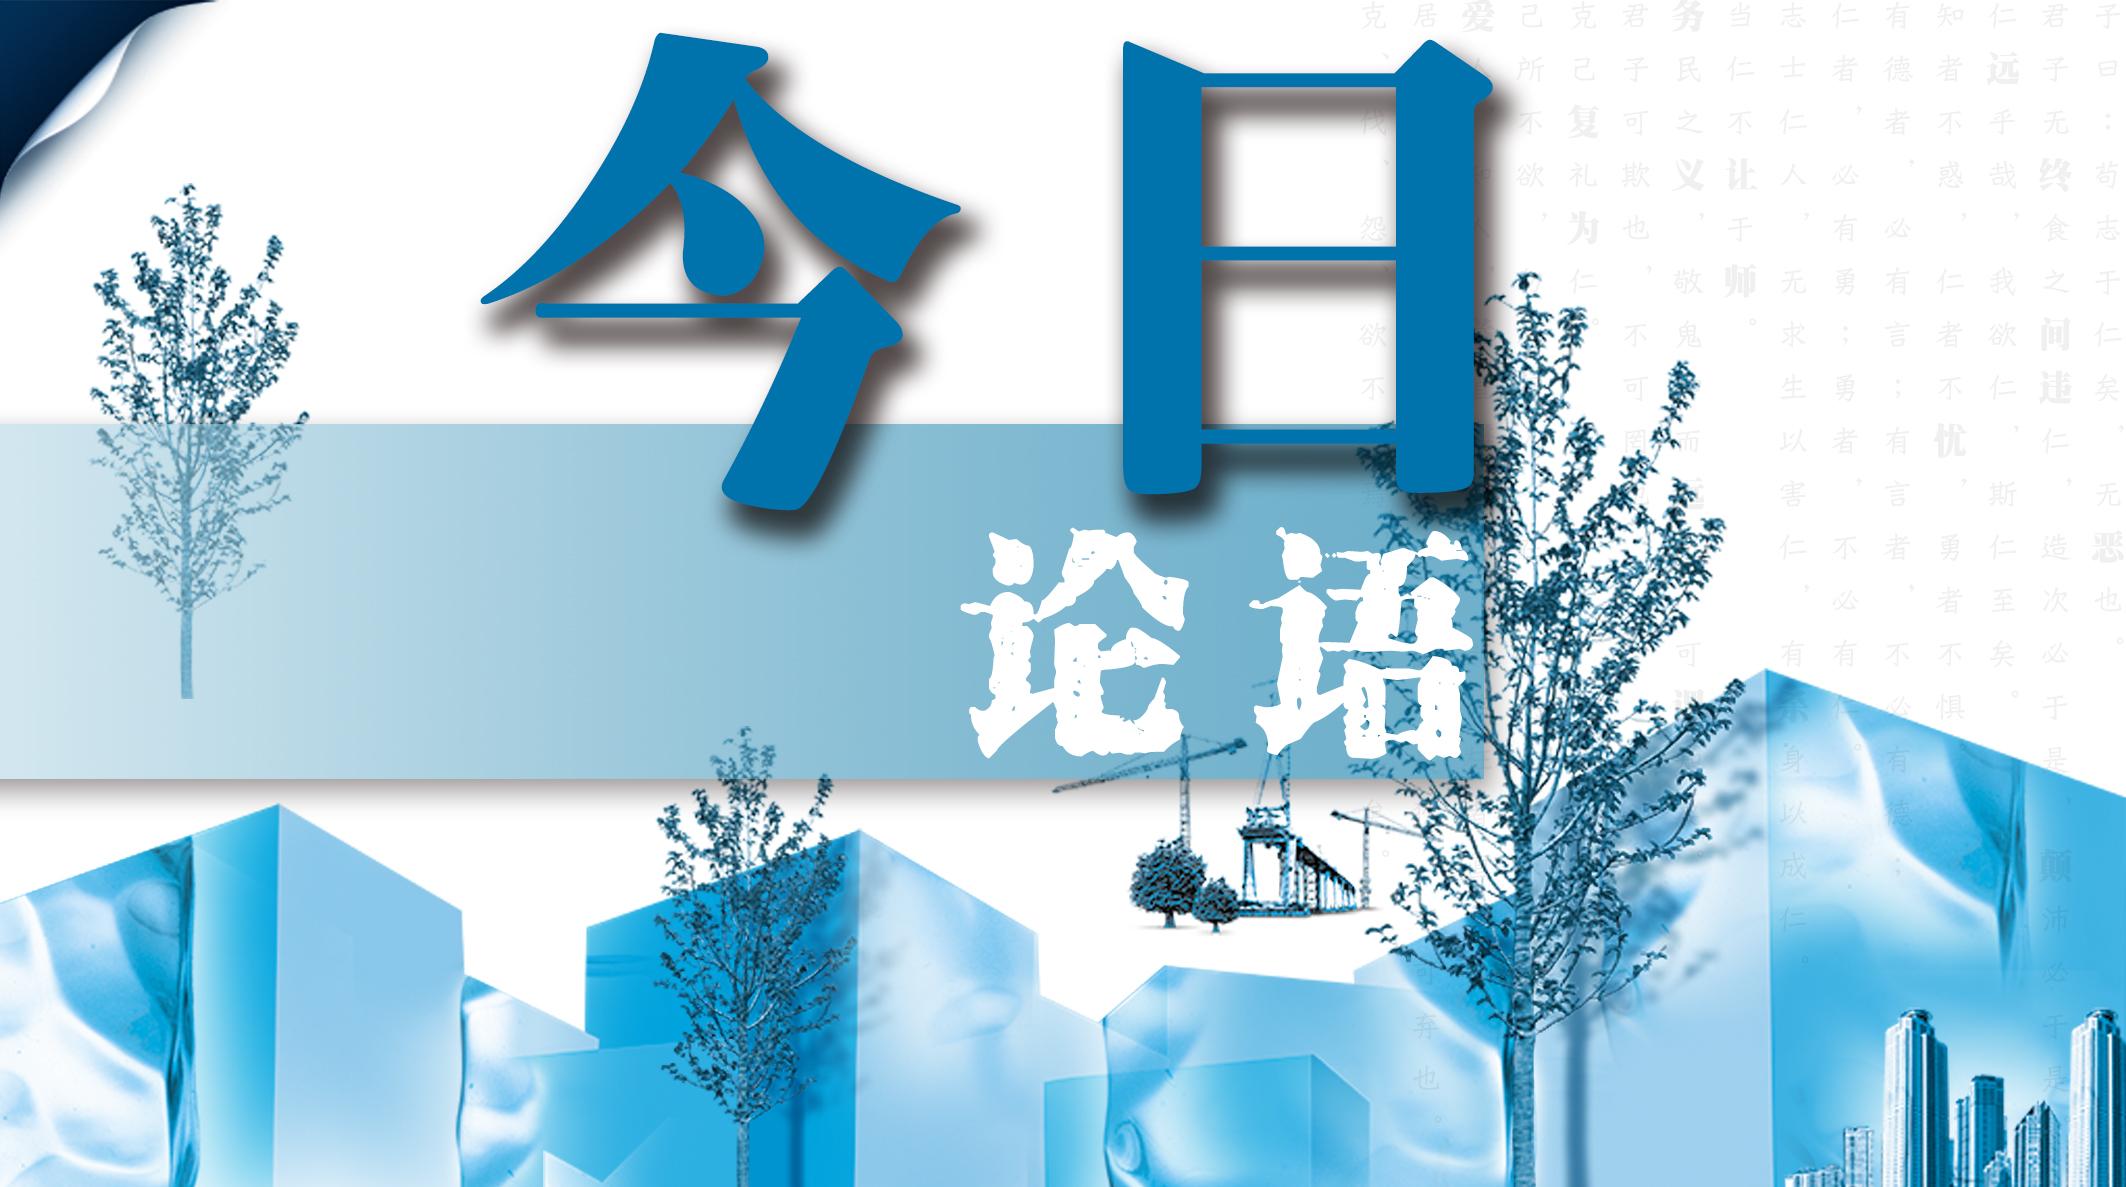 【学思践悟十九大】今日论语丨回应人民对美好生活的向往